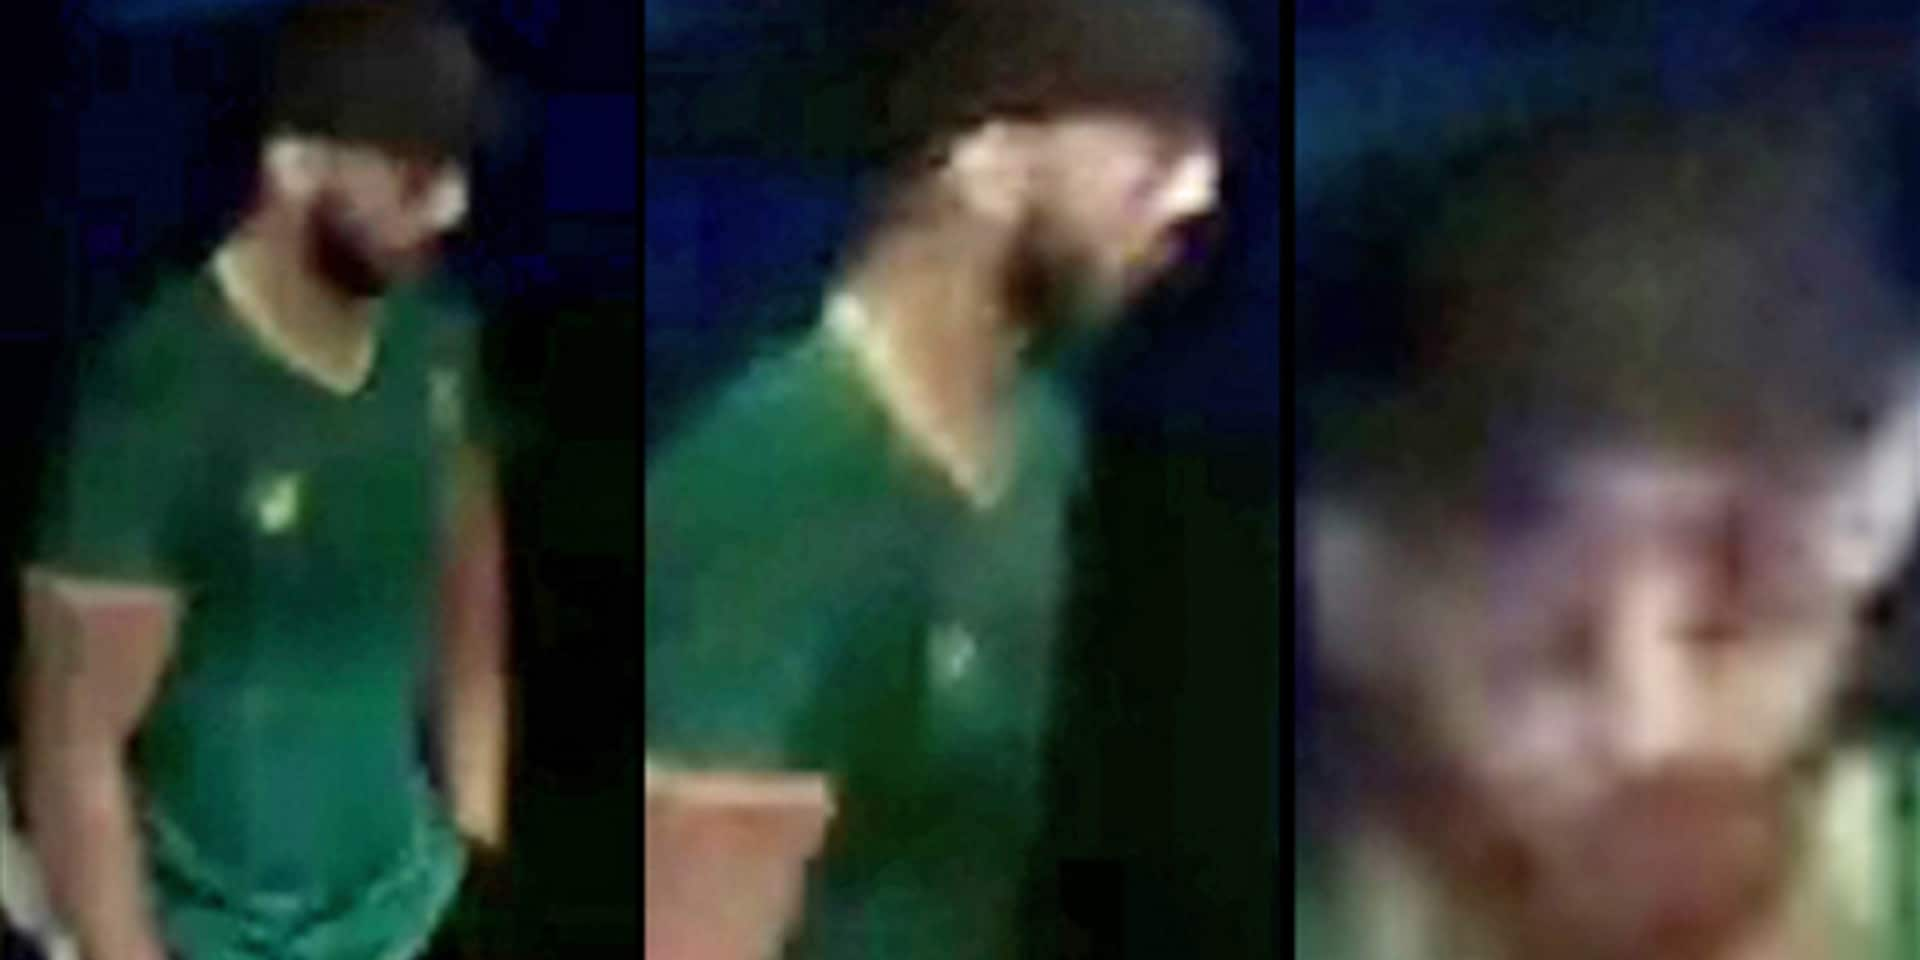 Un jeune homme de 24 ans enlevé Place Emile Bockstael à Bruxelles: reconnaissez-vous cet individu?